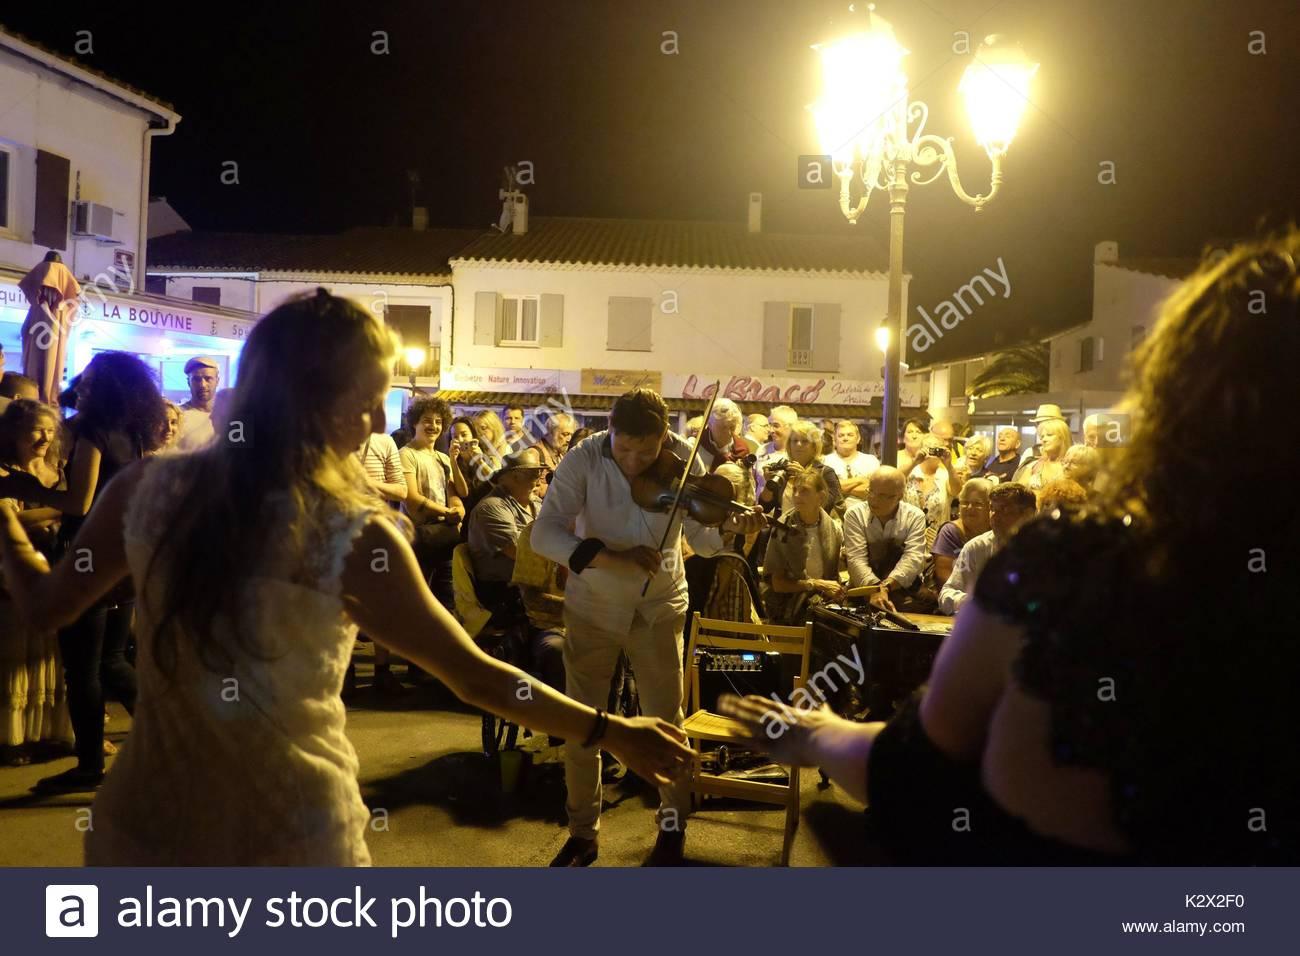 Pendant le pelerinage aux Saintes-Maries-de-la-Mer, durant une bonne partie de la nuit du 23 au 24 mai, les musiciens gitans, roms, tziganes sont nombreux dans les rues, ils jouent de la musique, dansent et chantent, de nombreux touristes participent a la fete, Bouches-du-Rhone, Provence, France - Stock Image